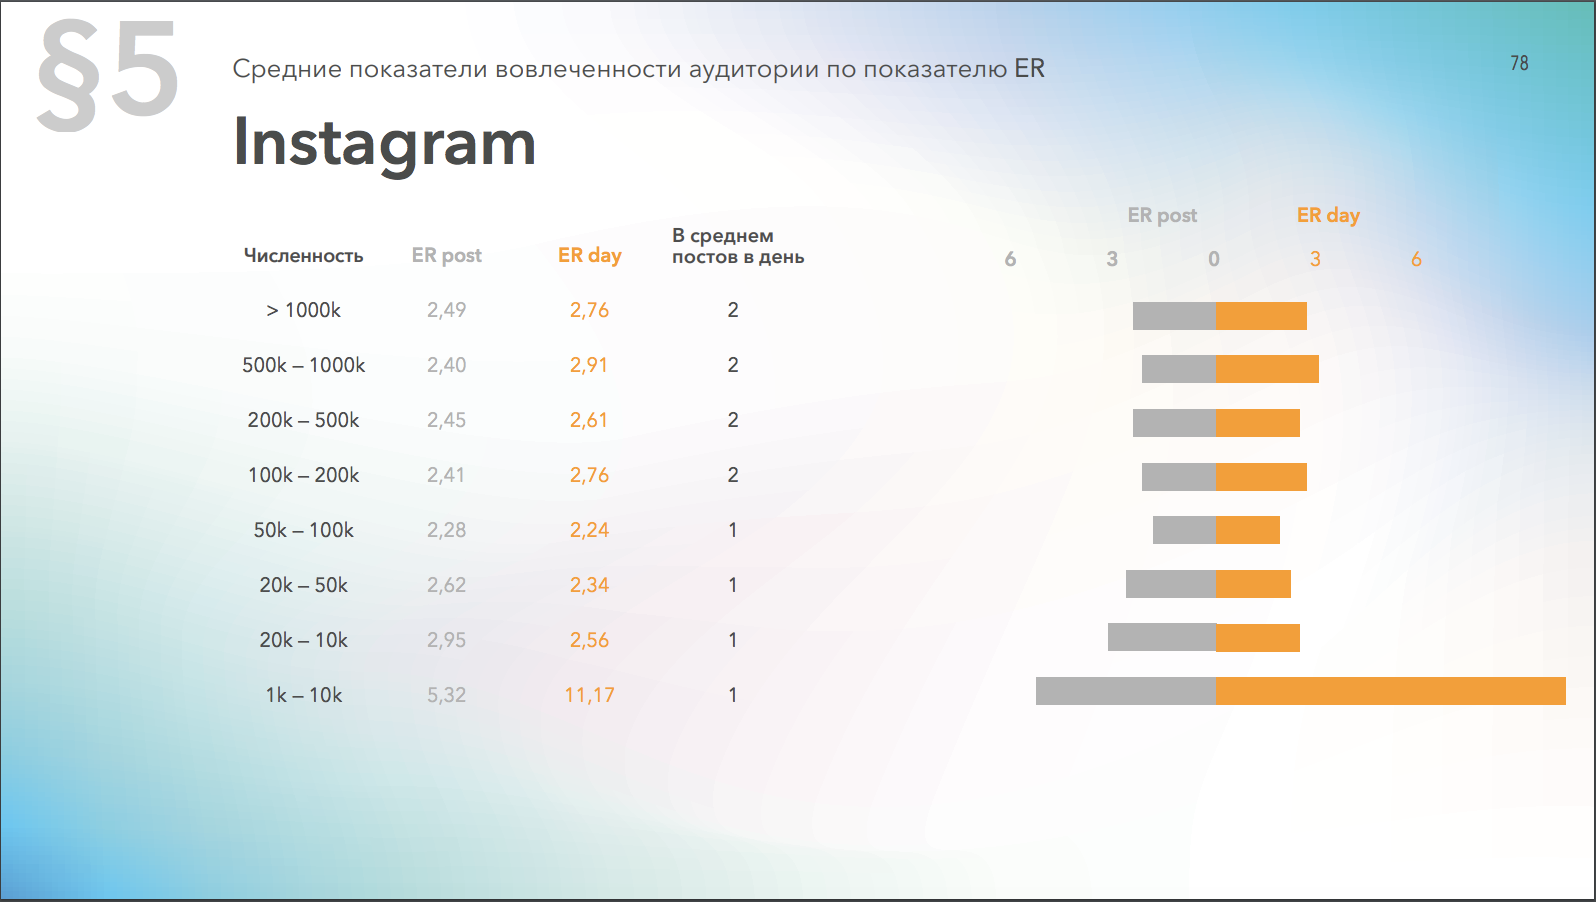 Средний уровень вовлеченности страниц в Instagram в зависимости от количества подписчиков